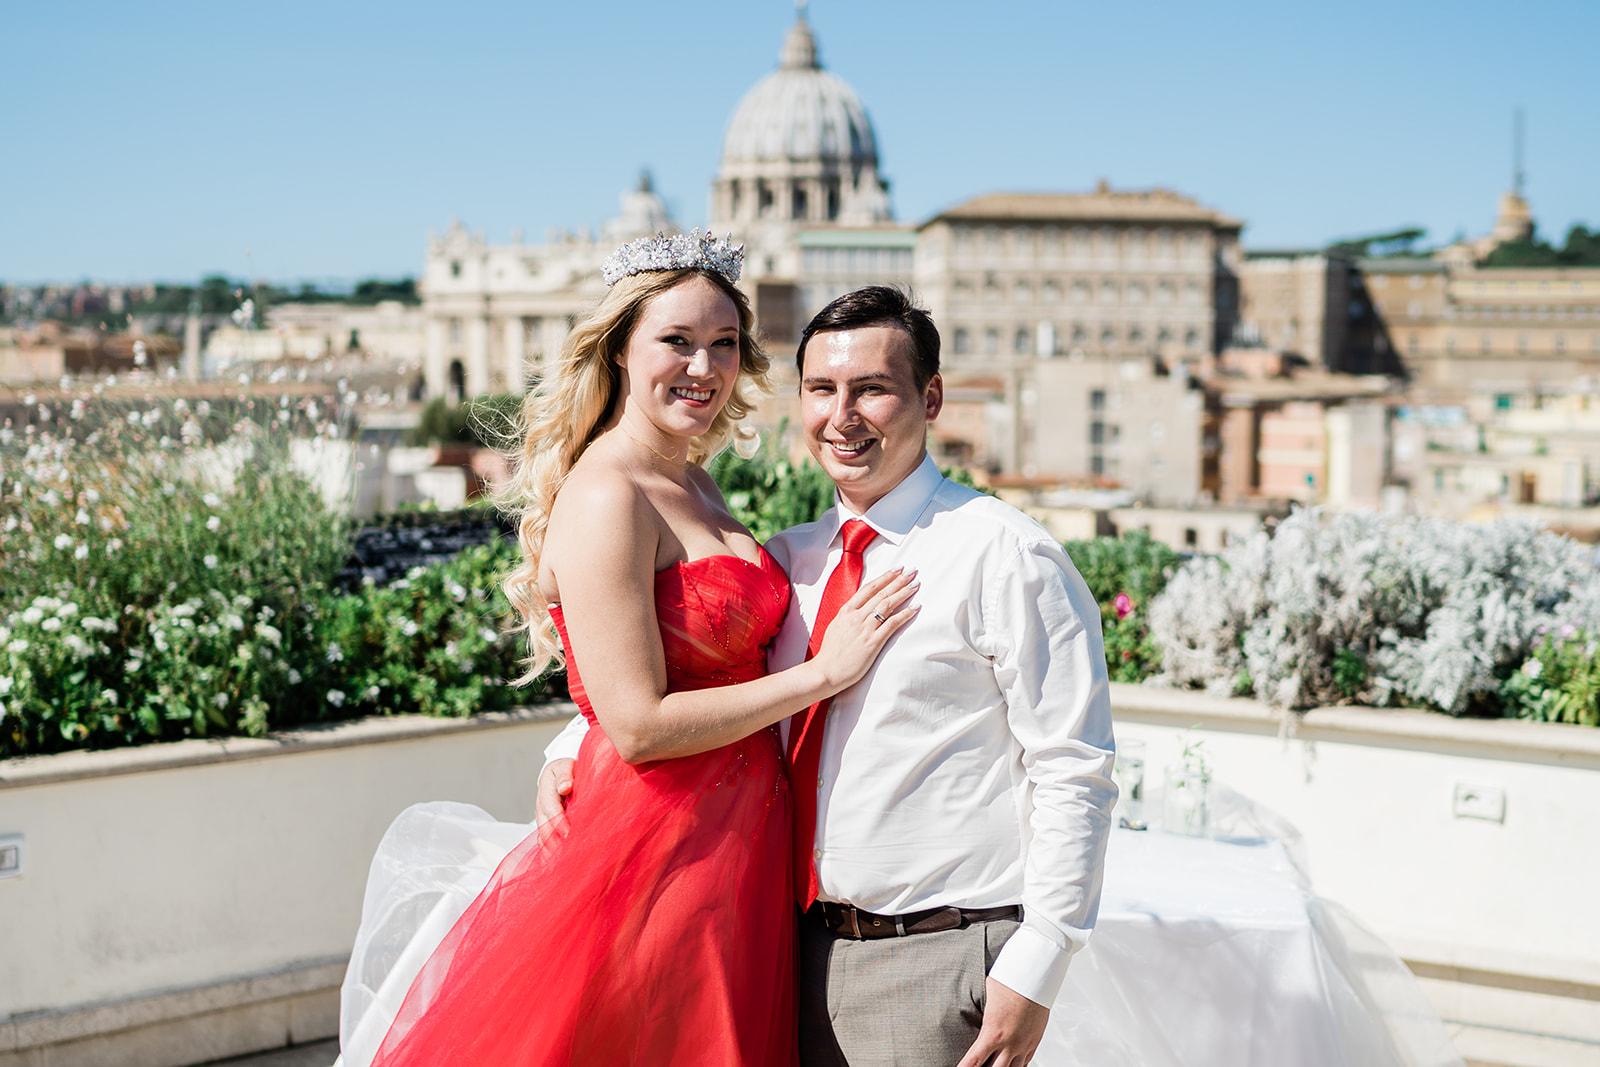 Свадьба Ярославны и Николая, символическая церемония в Риме